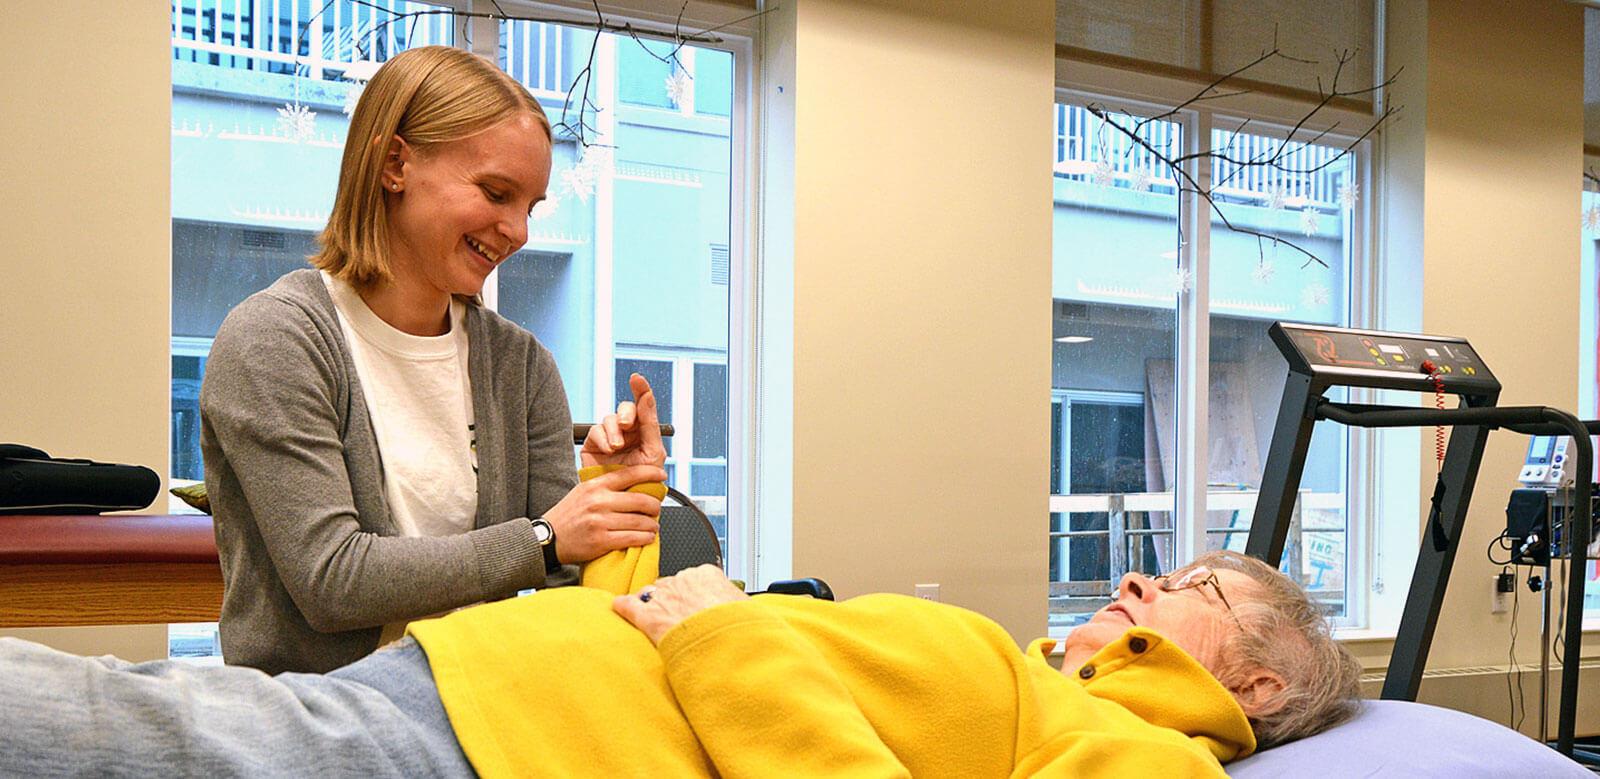 Rehabilitation Care